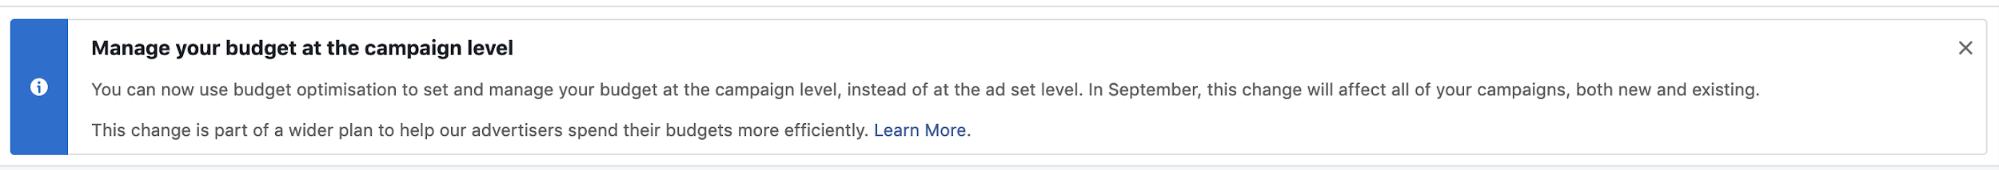 Просто об оптимизации бюджета кампании в Facebook